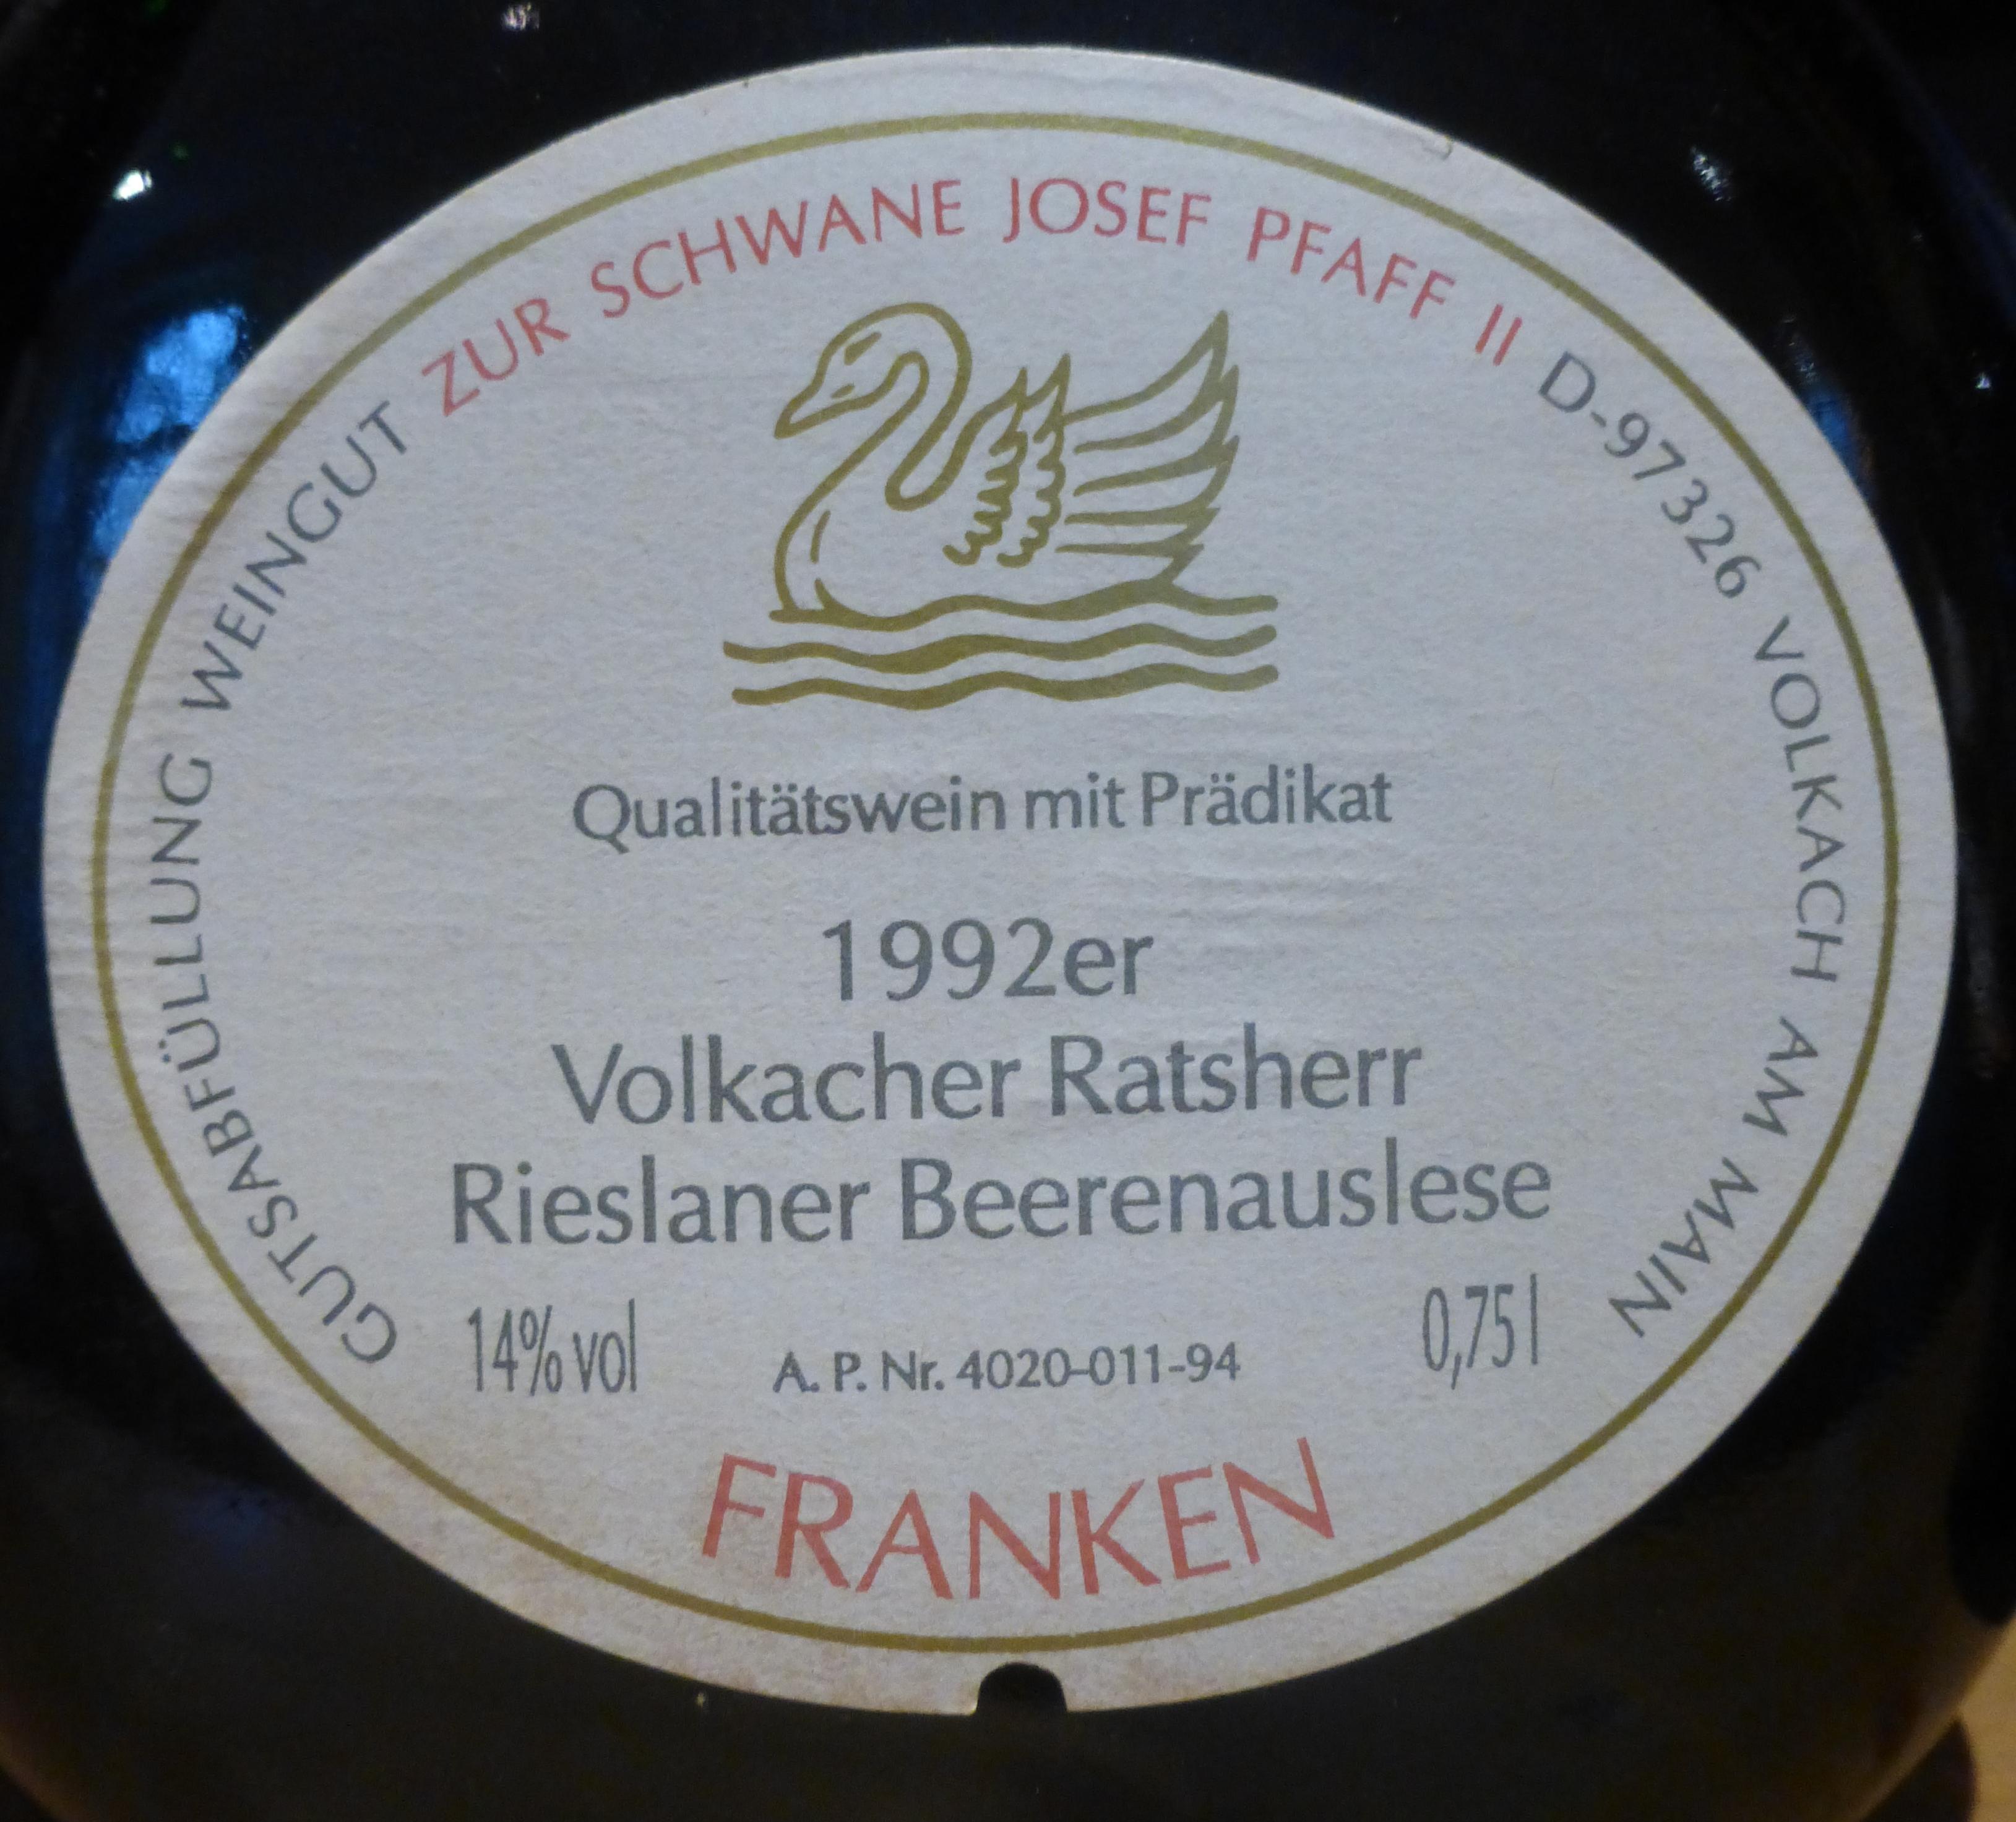 1992 Volkacher Ratsherr Rieslaner Beerenauslese, Weingut Zur Schwane